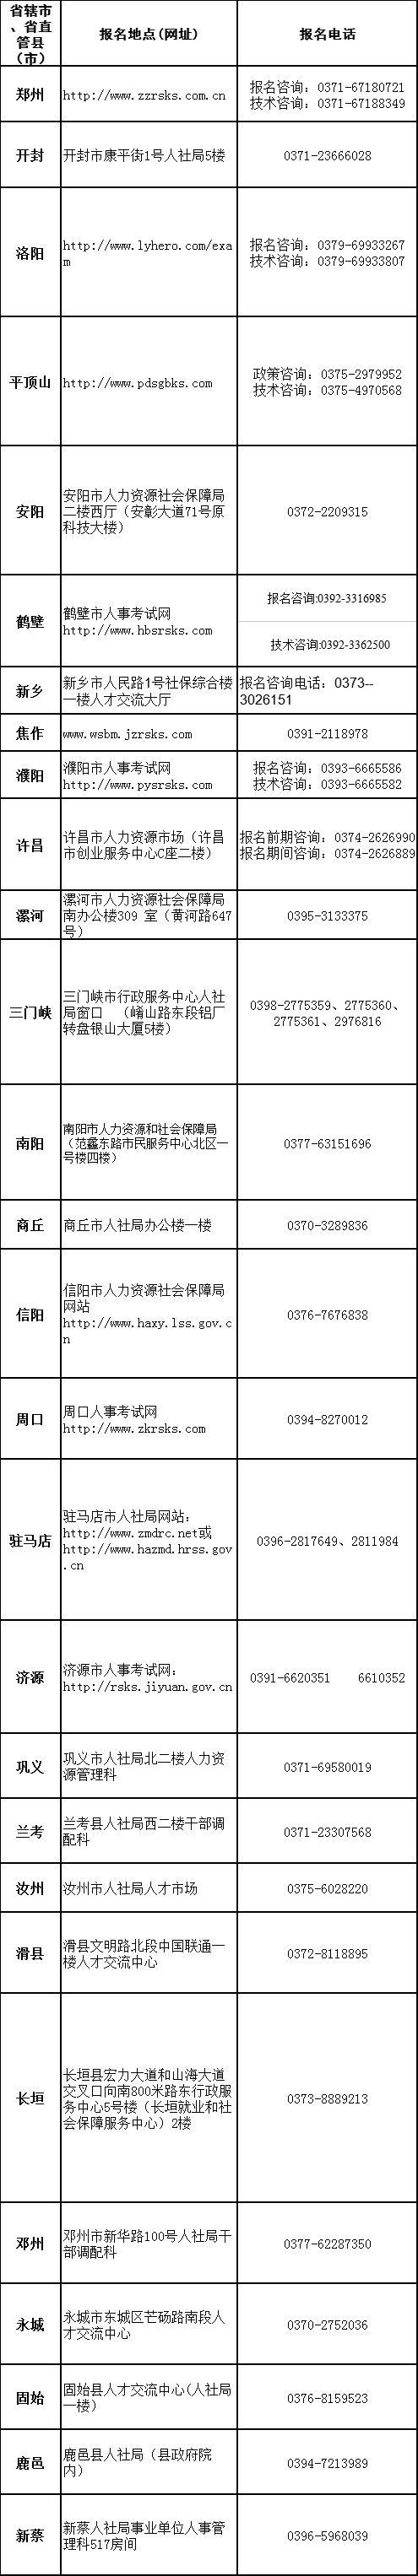 """2018年河南""""三支一扶""""招考公告发布,计划招募1000名"""